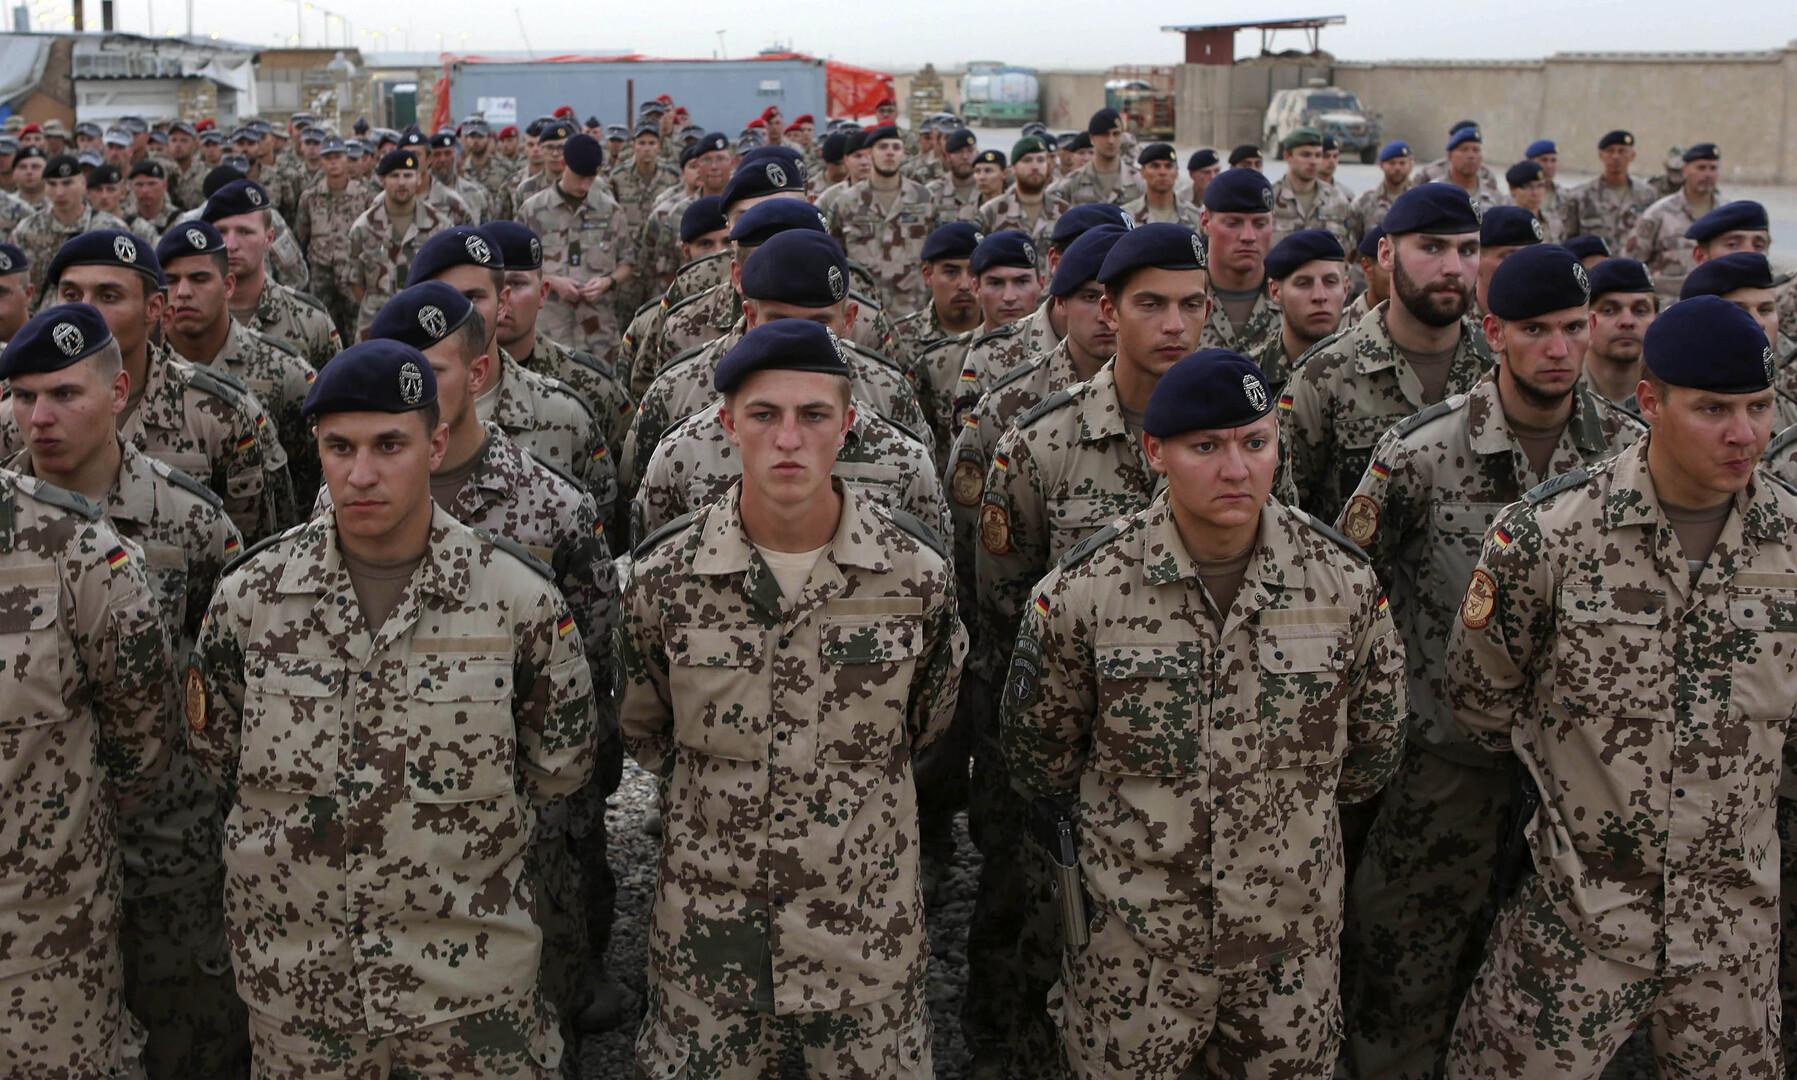 قوات ألمانية في حلف الناتو بأفغانستان